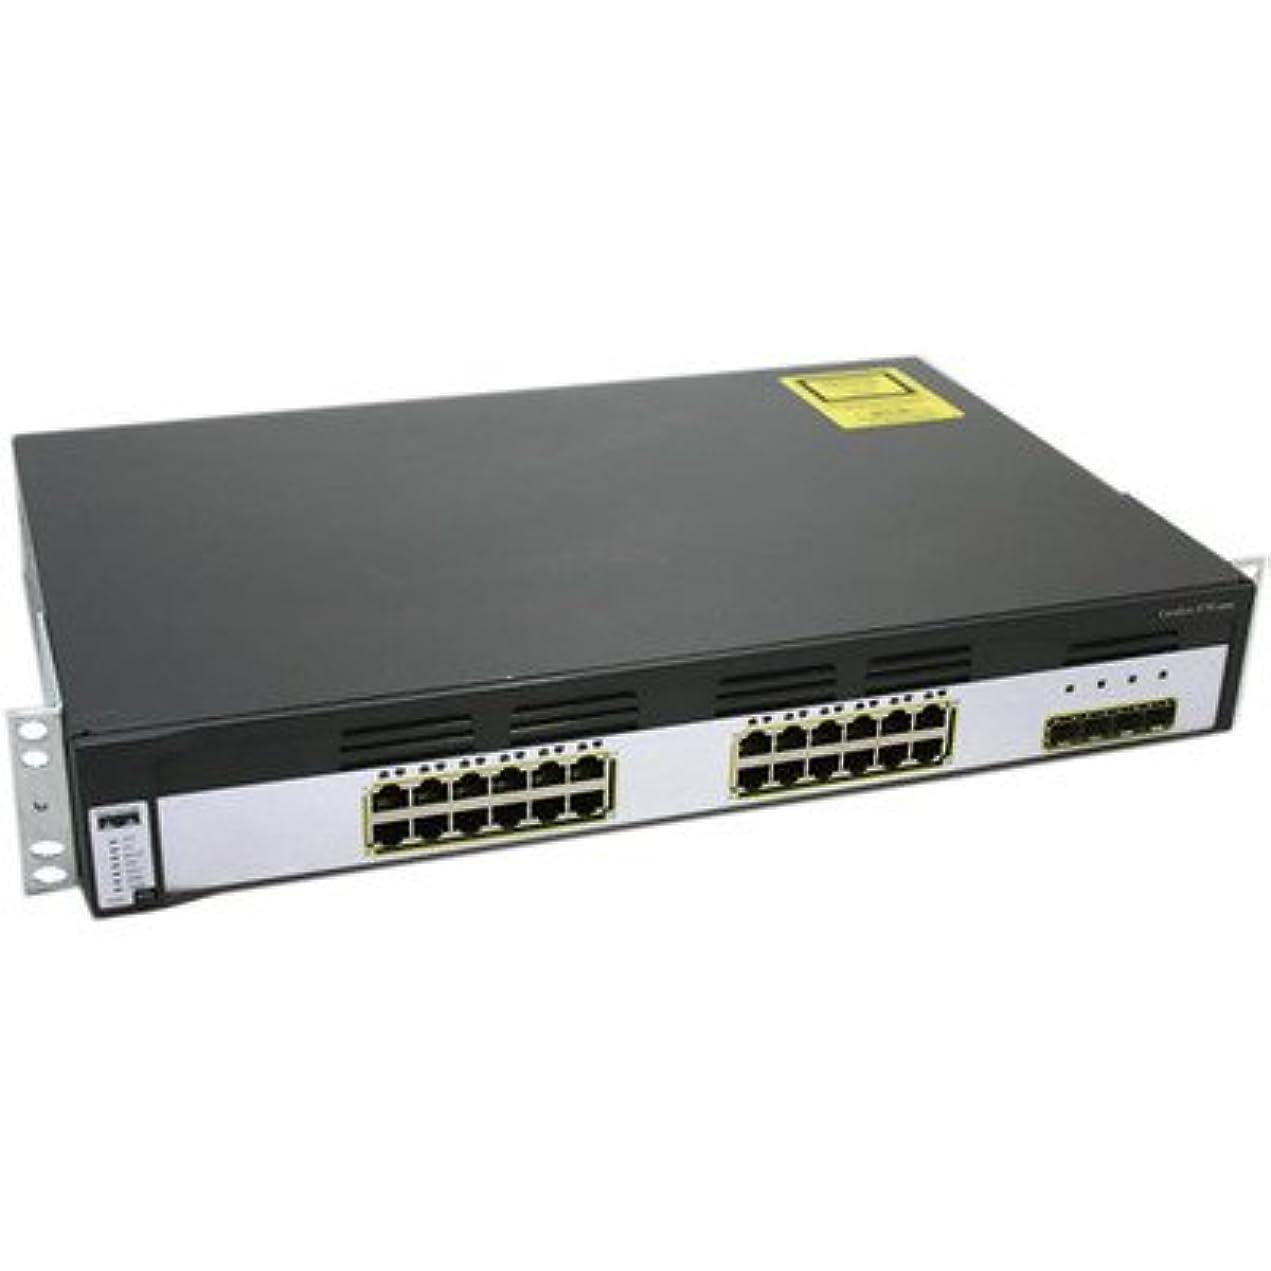 真向こう大きさ謙虚Cisco Catalyst 3750?–?Ingram認定pre-owned g-24ts-sイーサネットスイッチ?–?24ポート?–?pre-owned?–?ws-c3750g-24ts-s